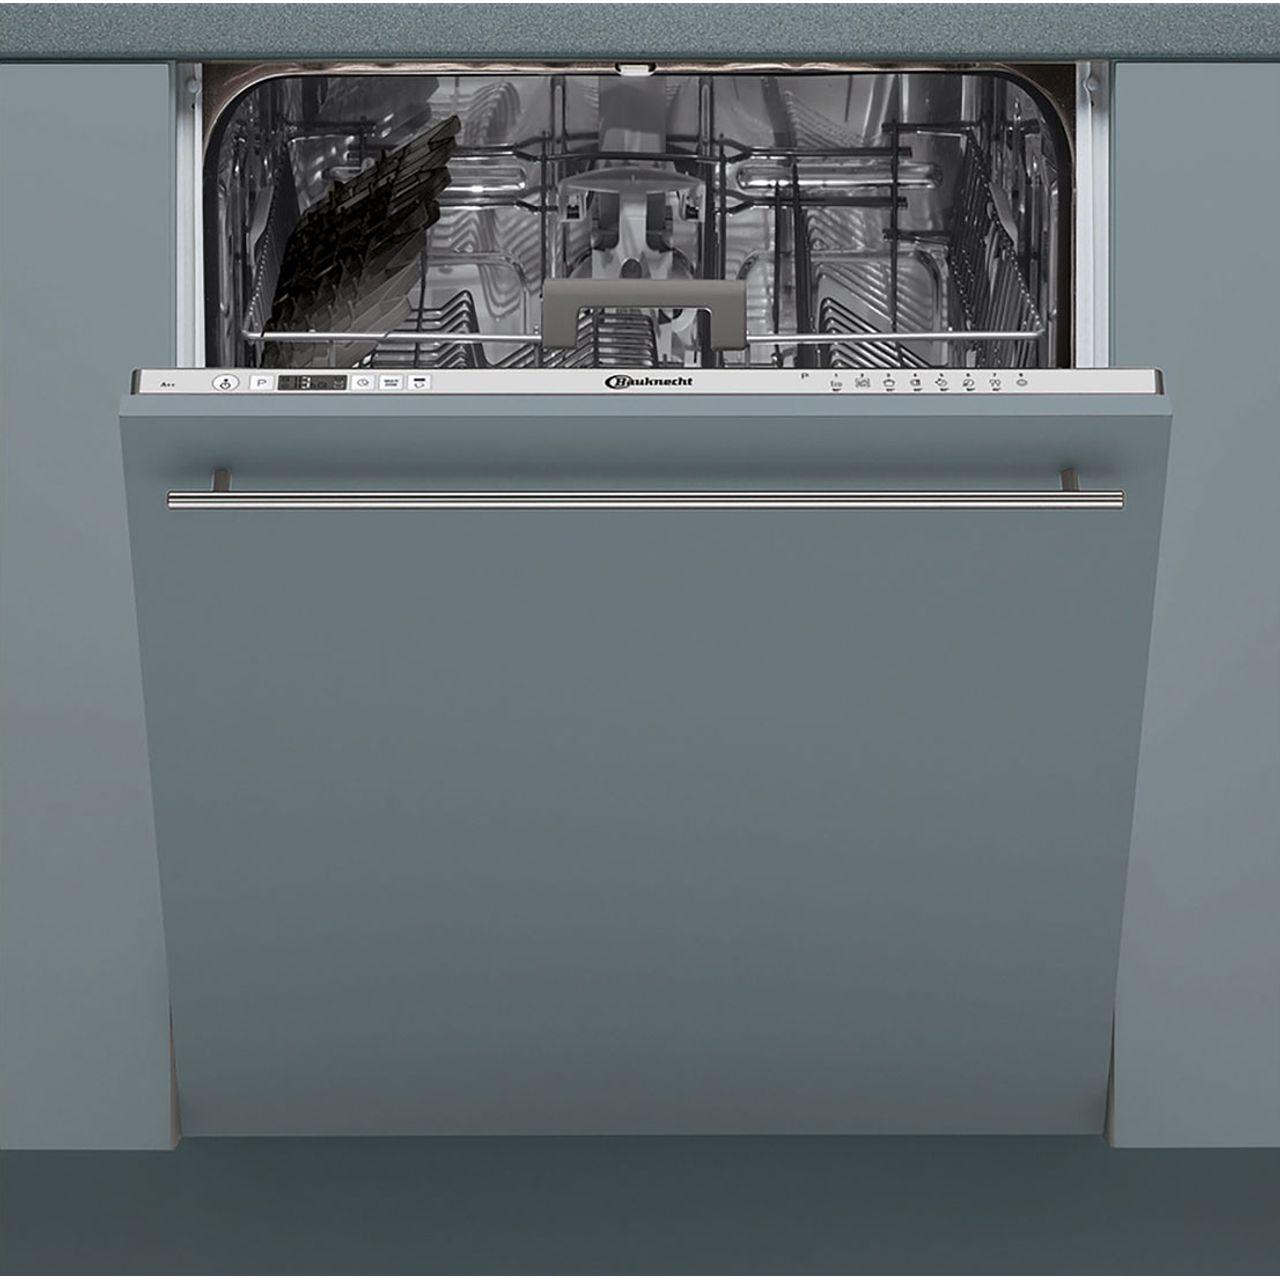 Bauknecht Bic 3c26 Vollintegrierter Geschirrspuler 60 Cm A